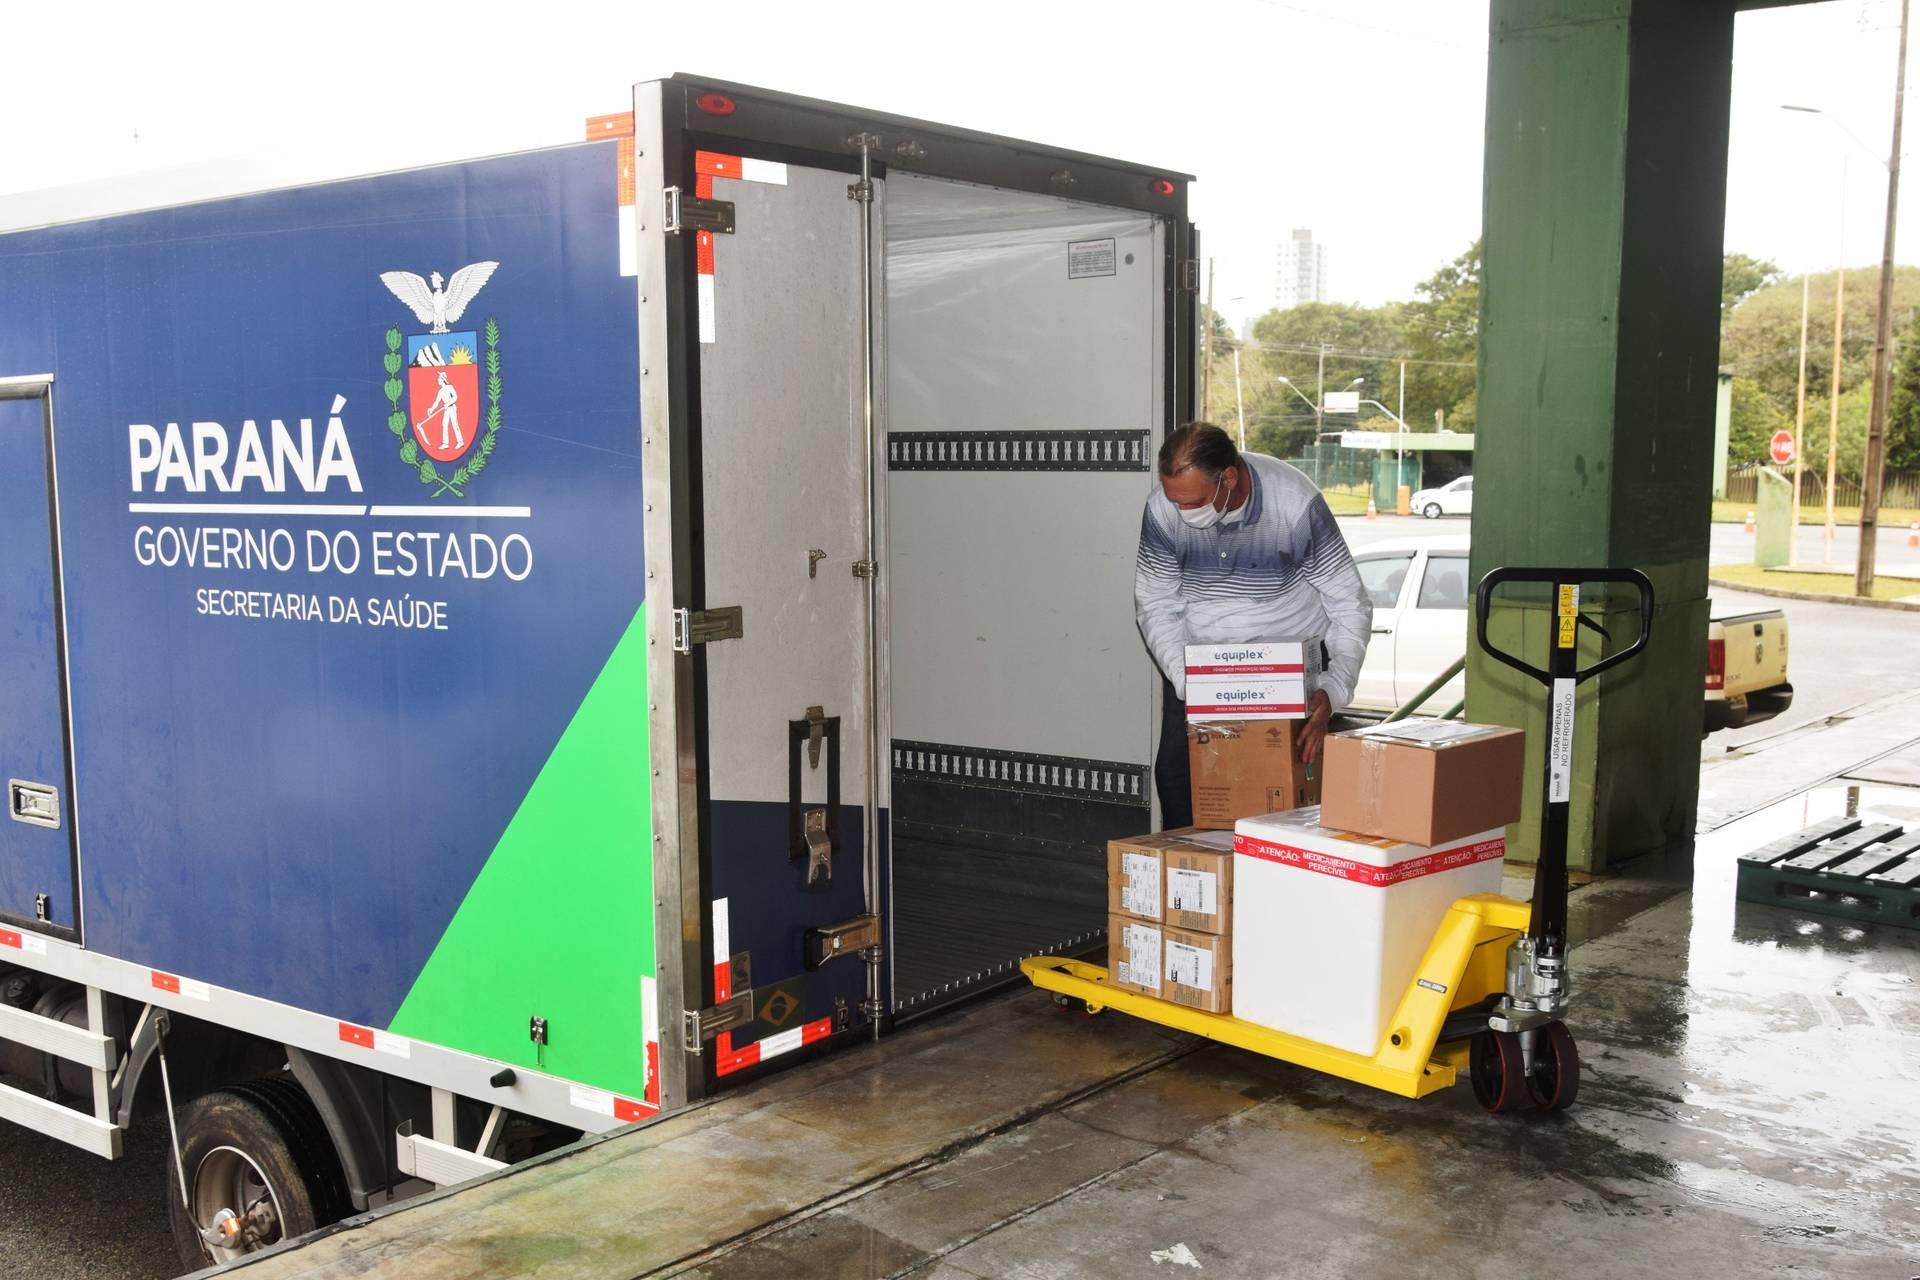 Paraná iniciou distribuição de mais 131,9 mil vacinas contra a Covid-19; veja divisão